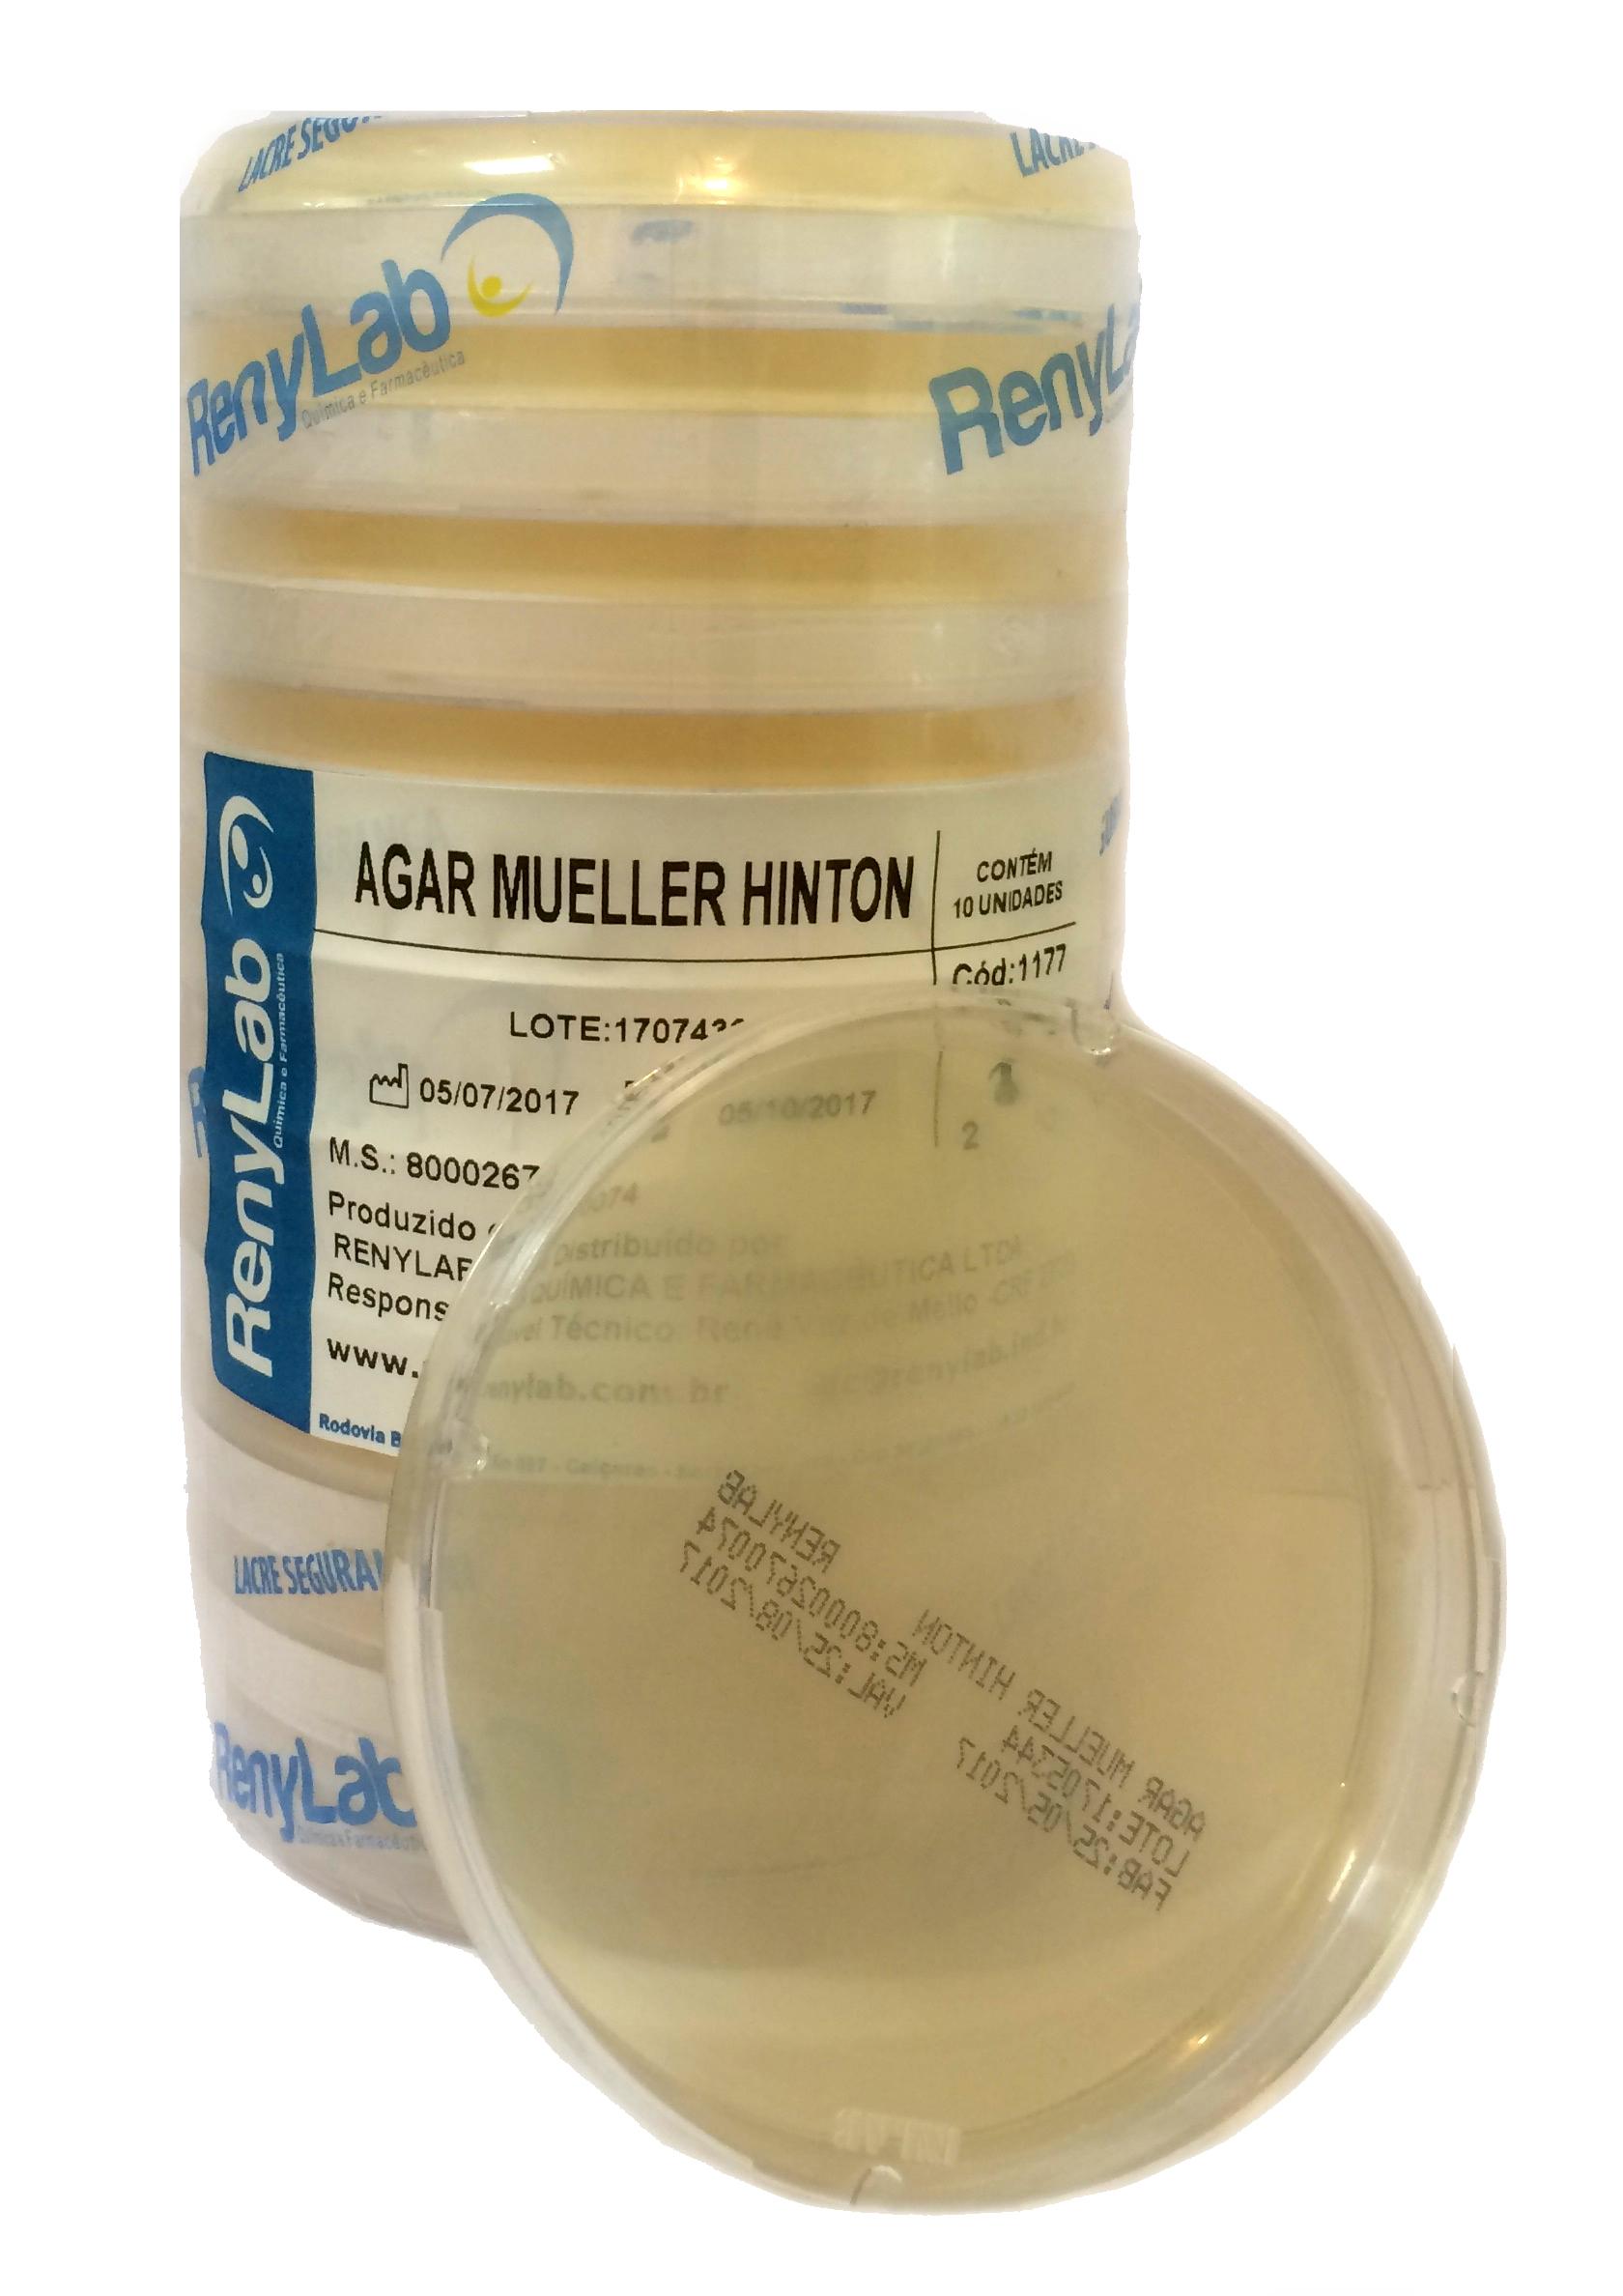 Ágar Mueller Hinton